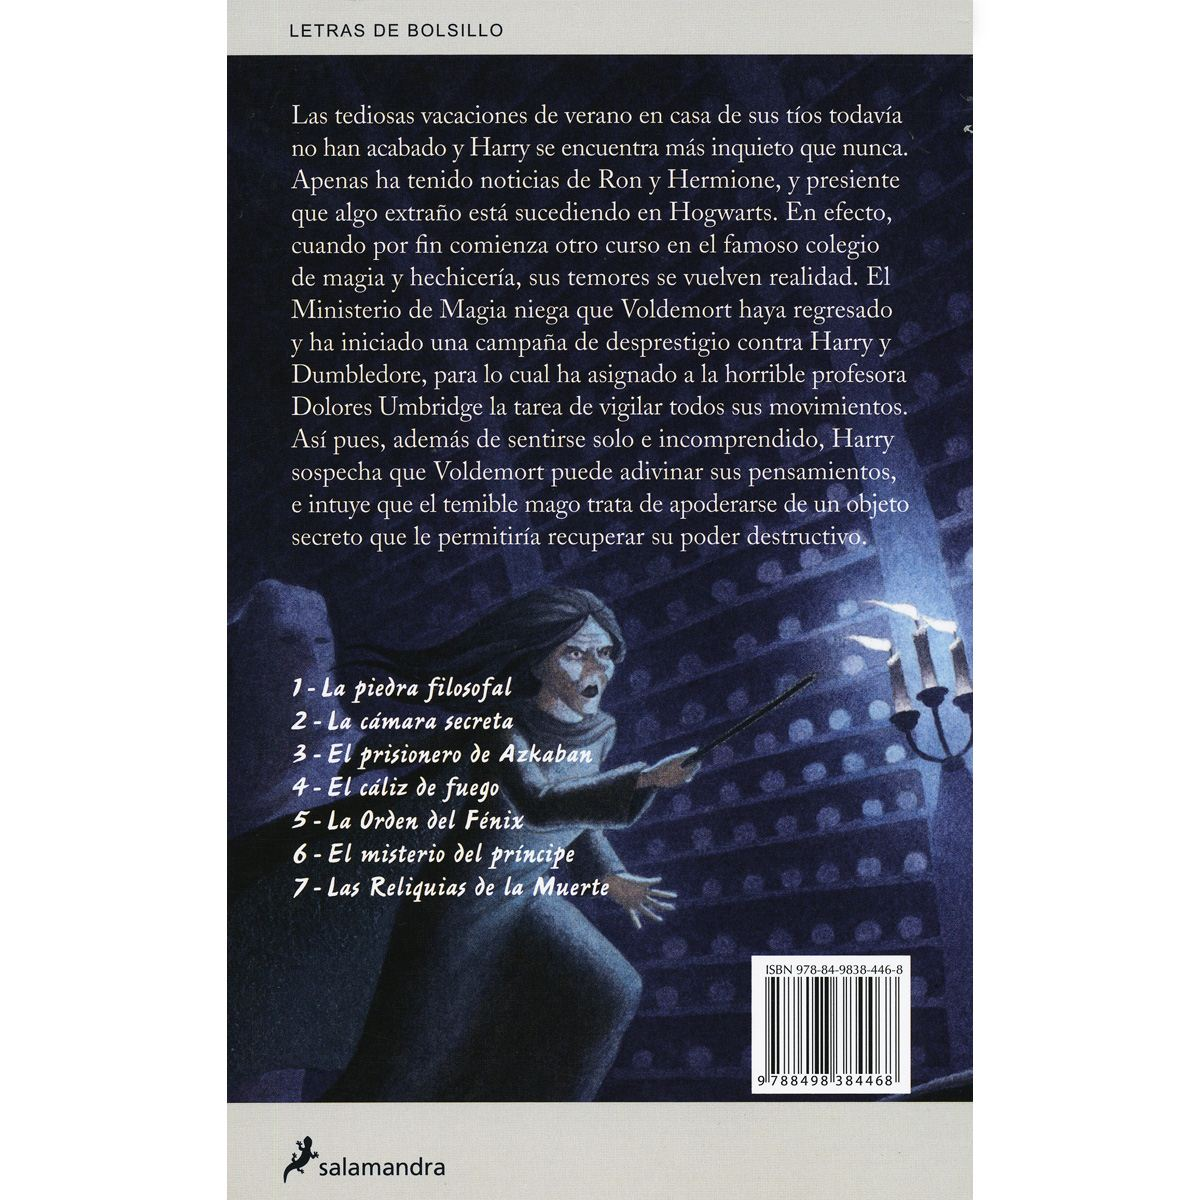 Harry potter y la orden del fénix Libro - Sanborns